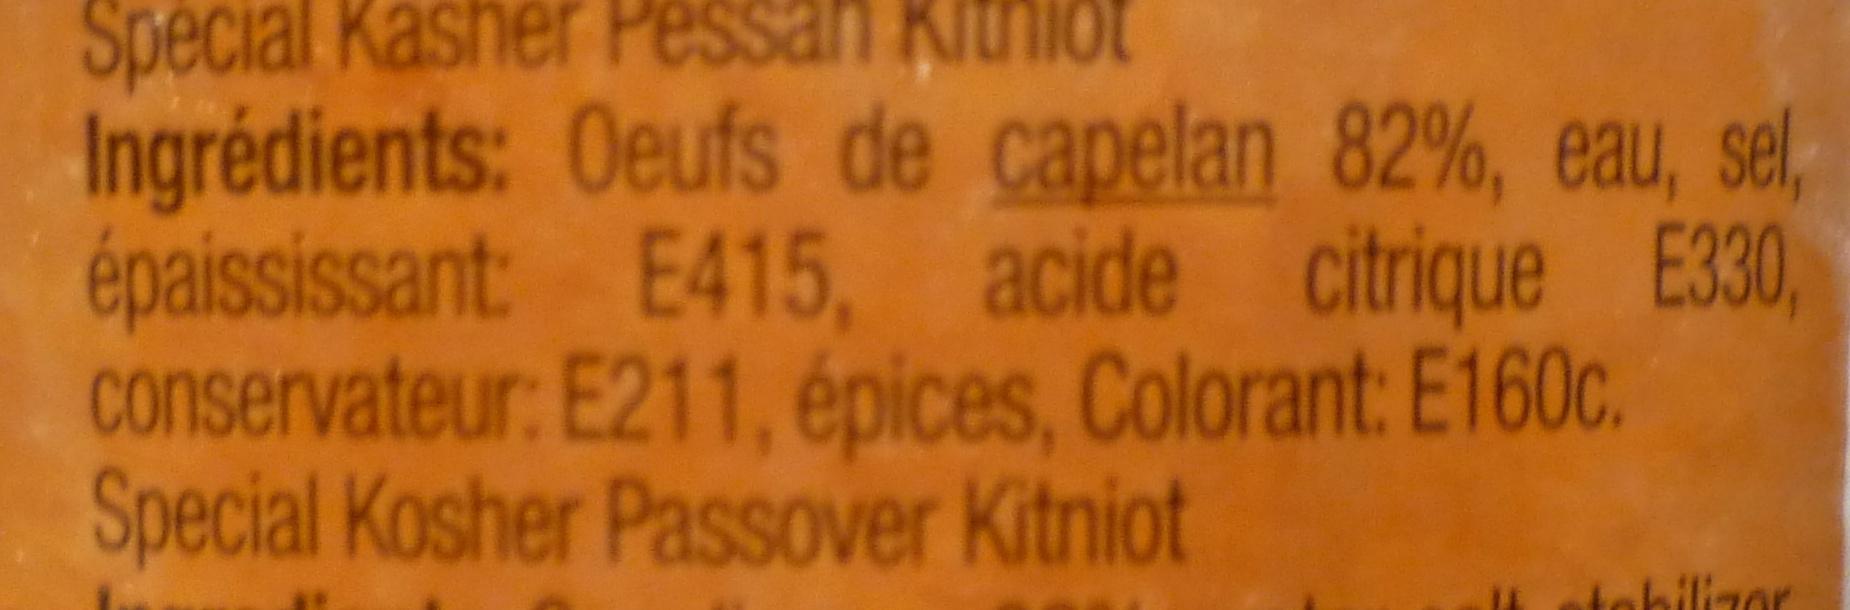 Œufs de capelan d'Islande rouges Cahser - Ingrédients